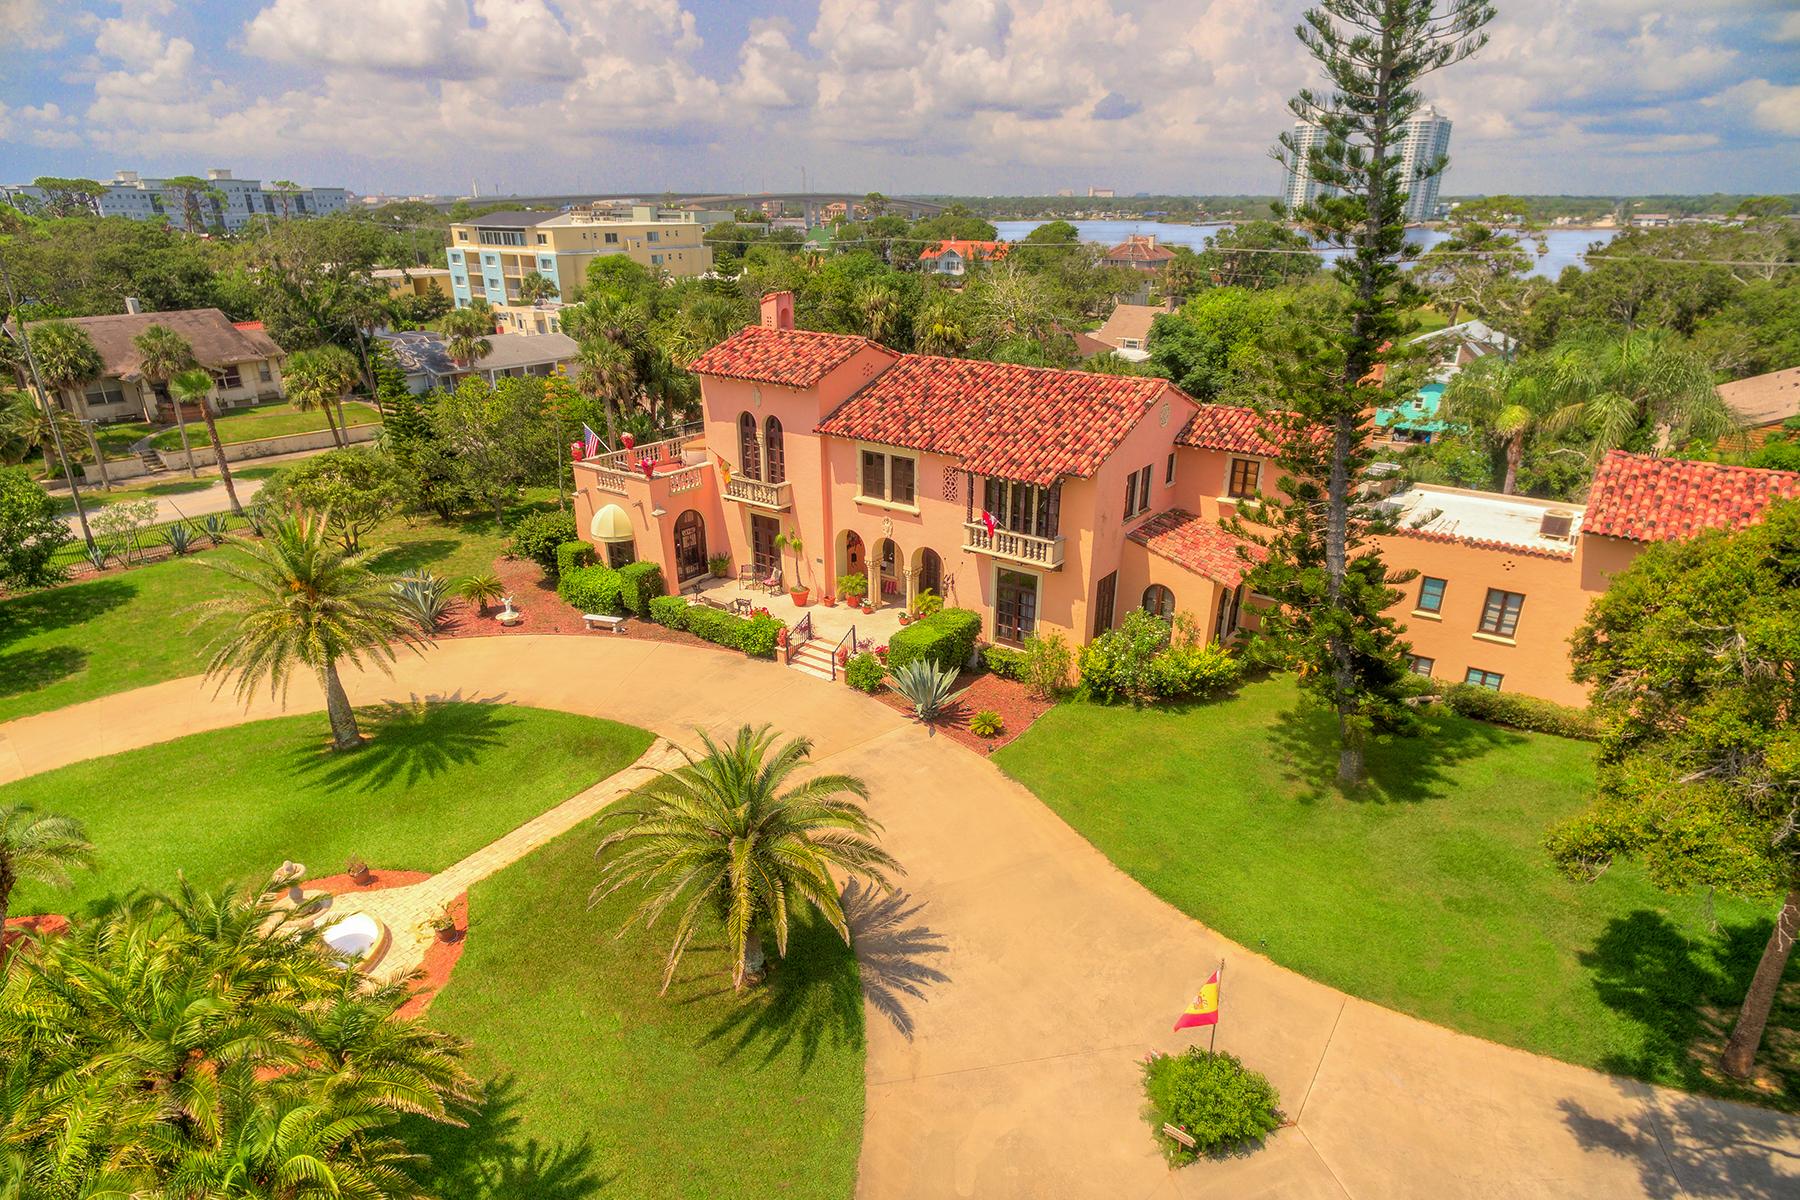 Maison unifamiliale pour l Vente à DAYTONA BEACH 801 N Peninsula Dr Daytona Beach, Floride 32118 États-Unis